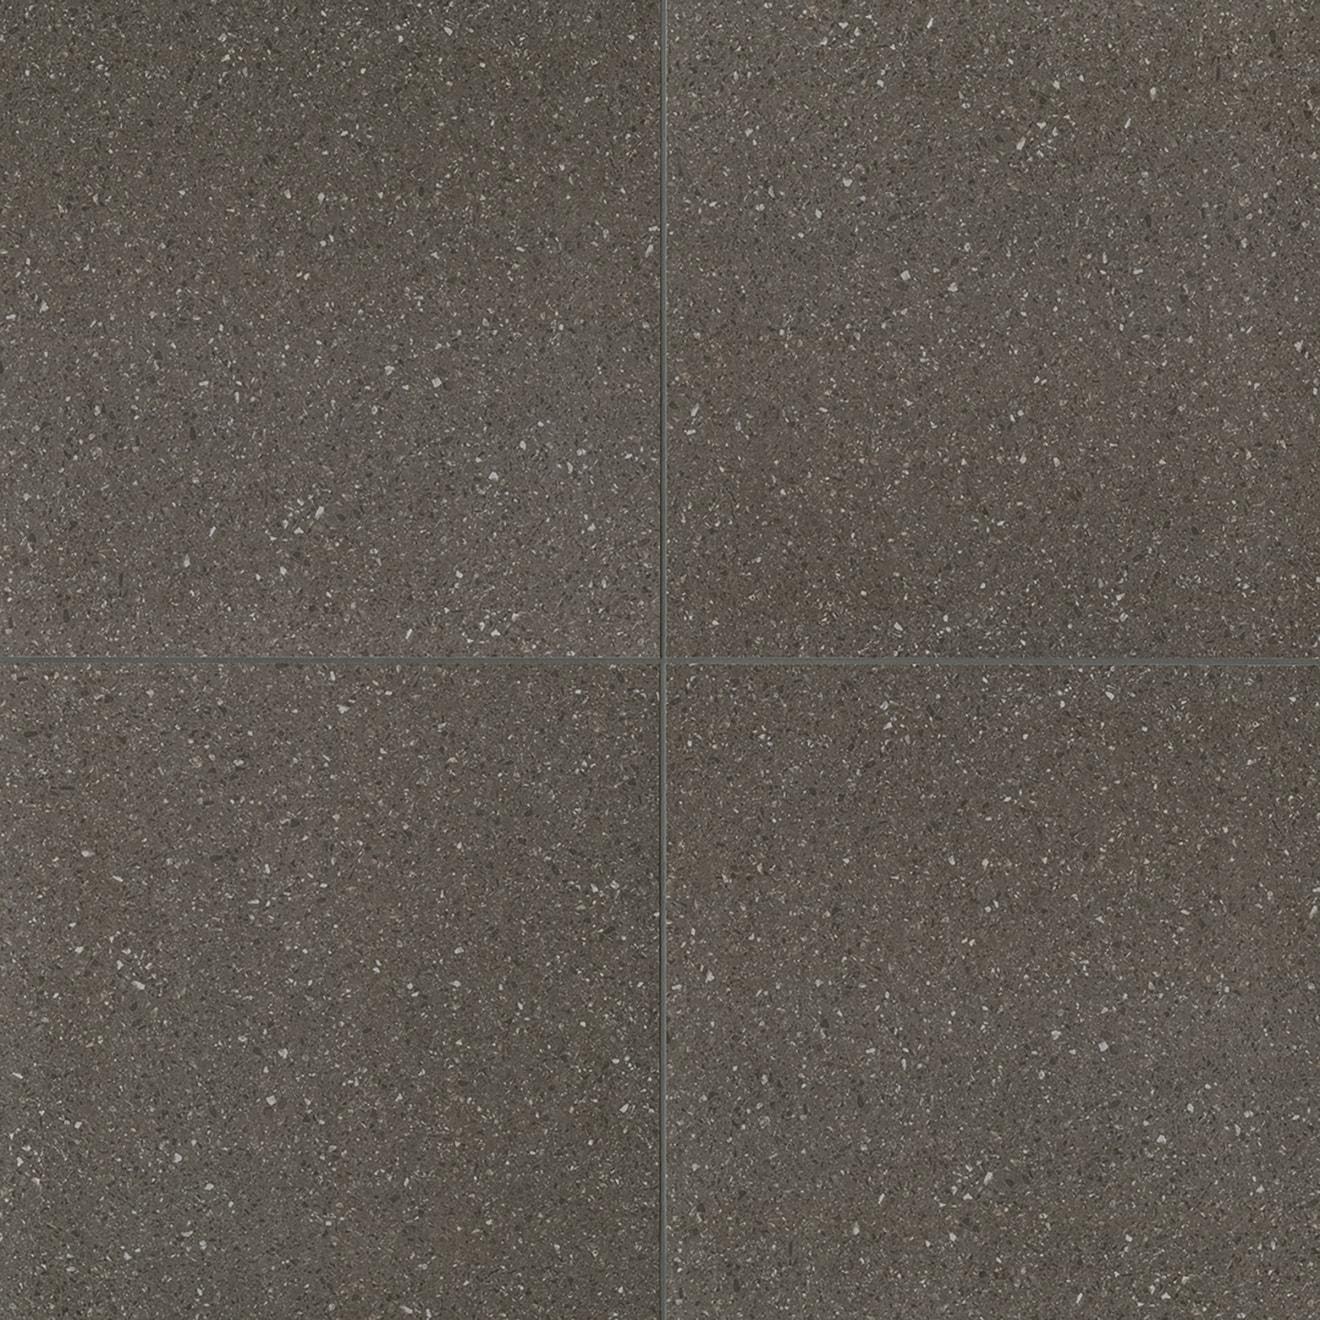 Terrazzo 10 X 10 Floor Wall Tile In Dark Gray